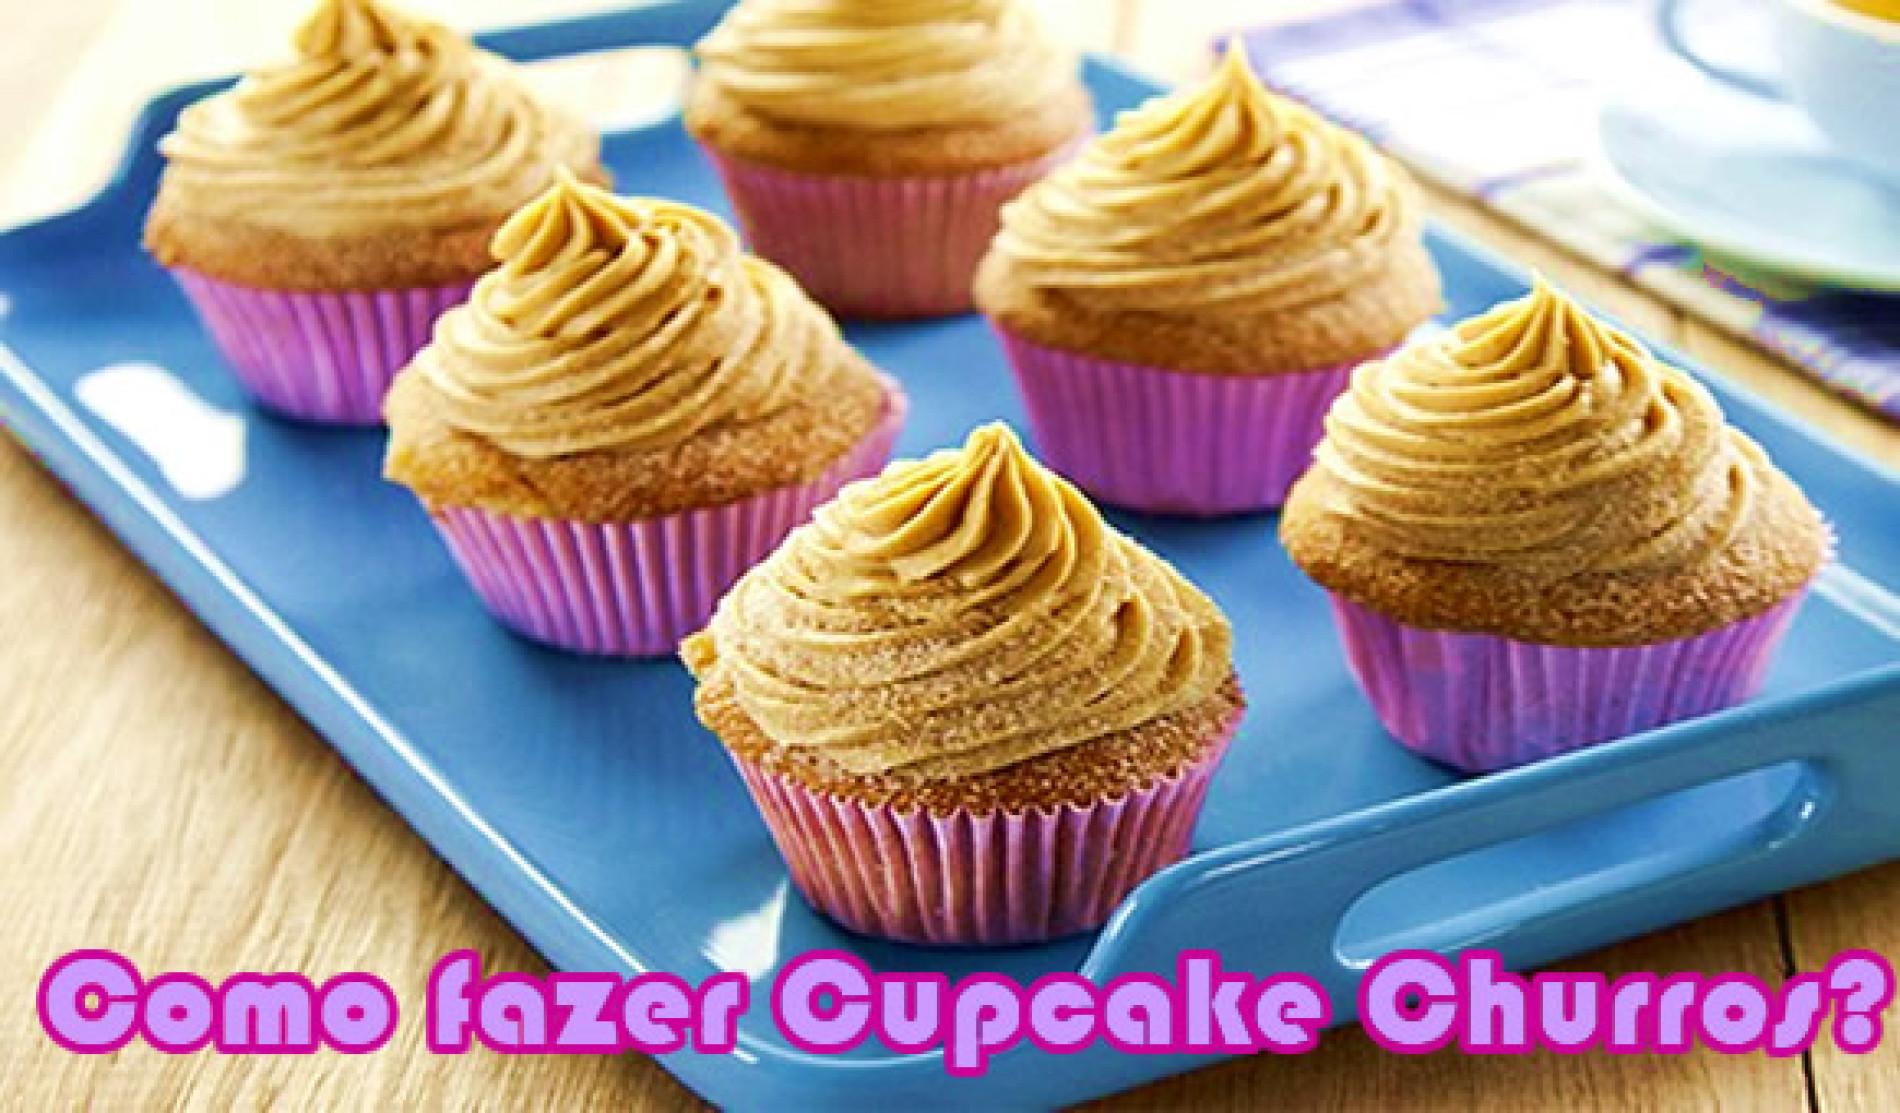 Cupcake churros – Bolinho de chuva com doce de leite